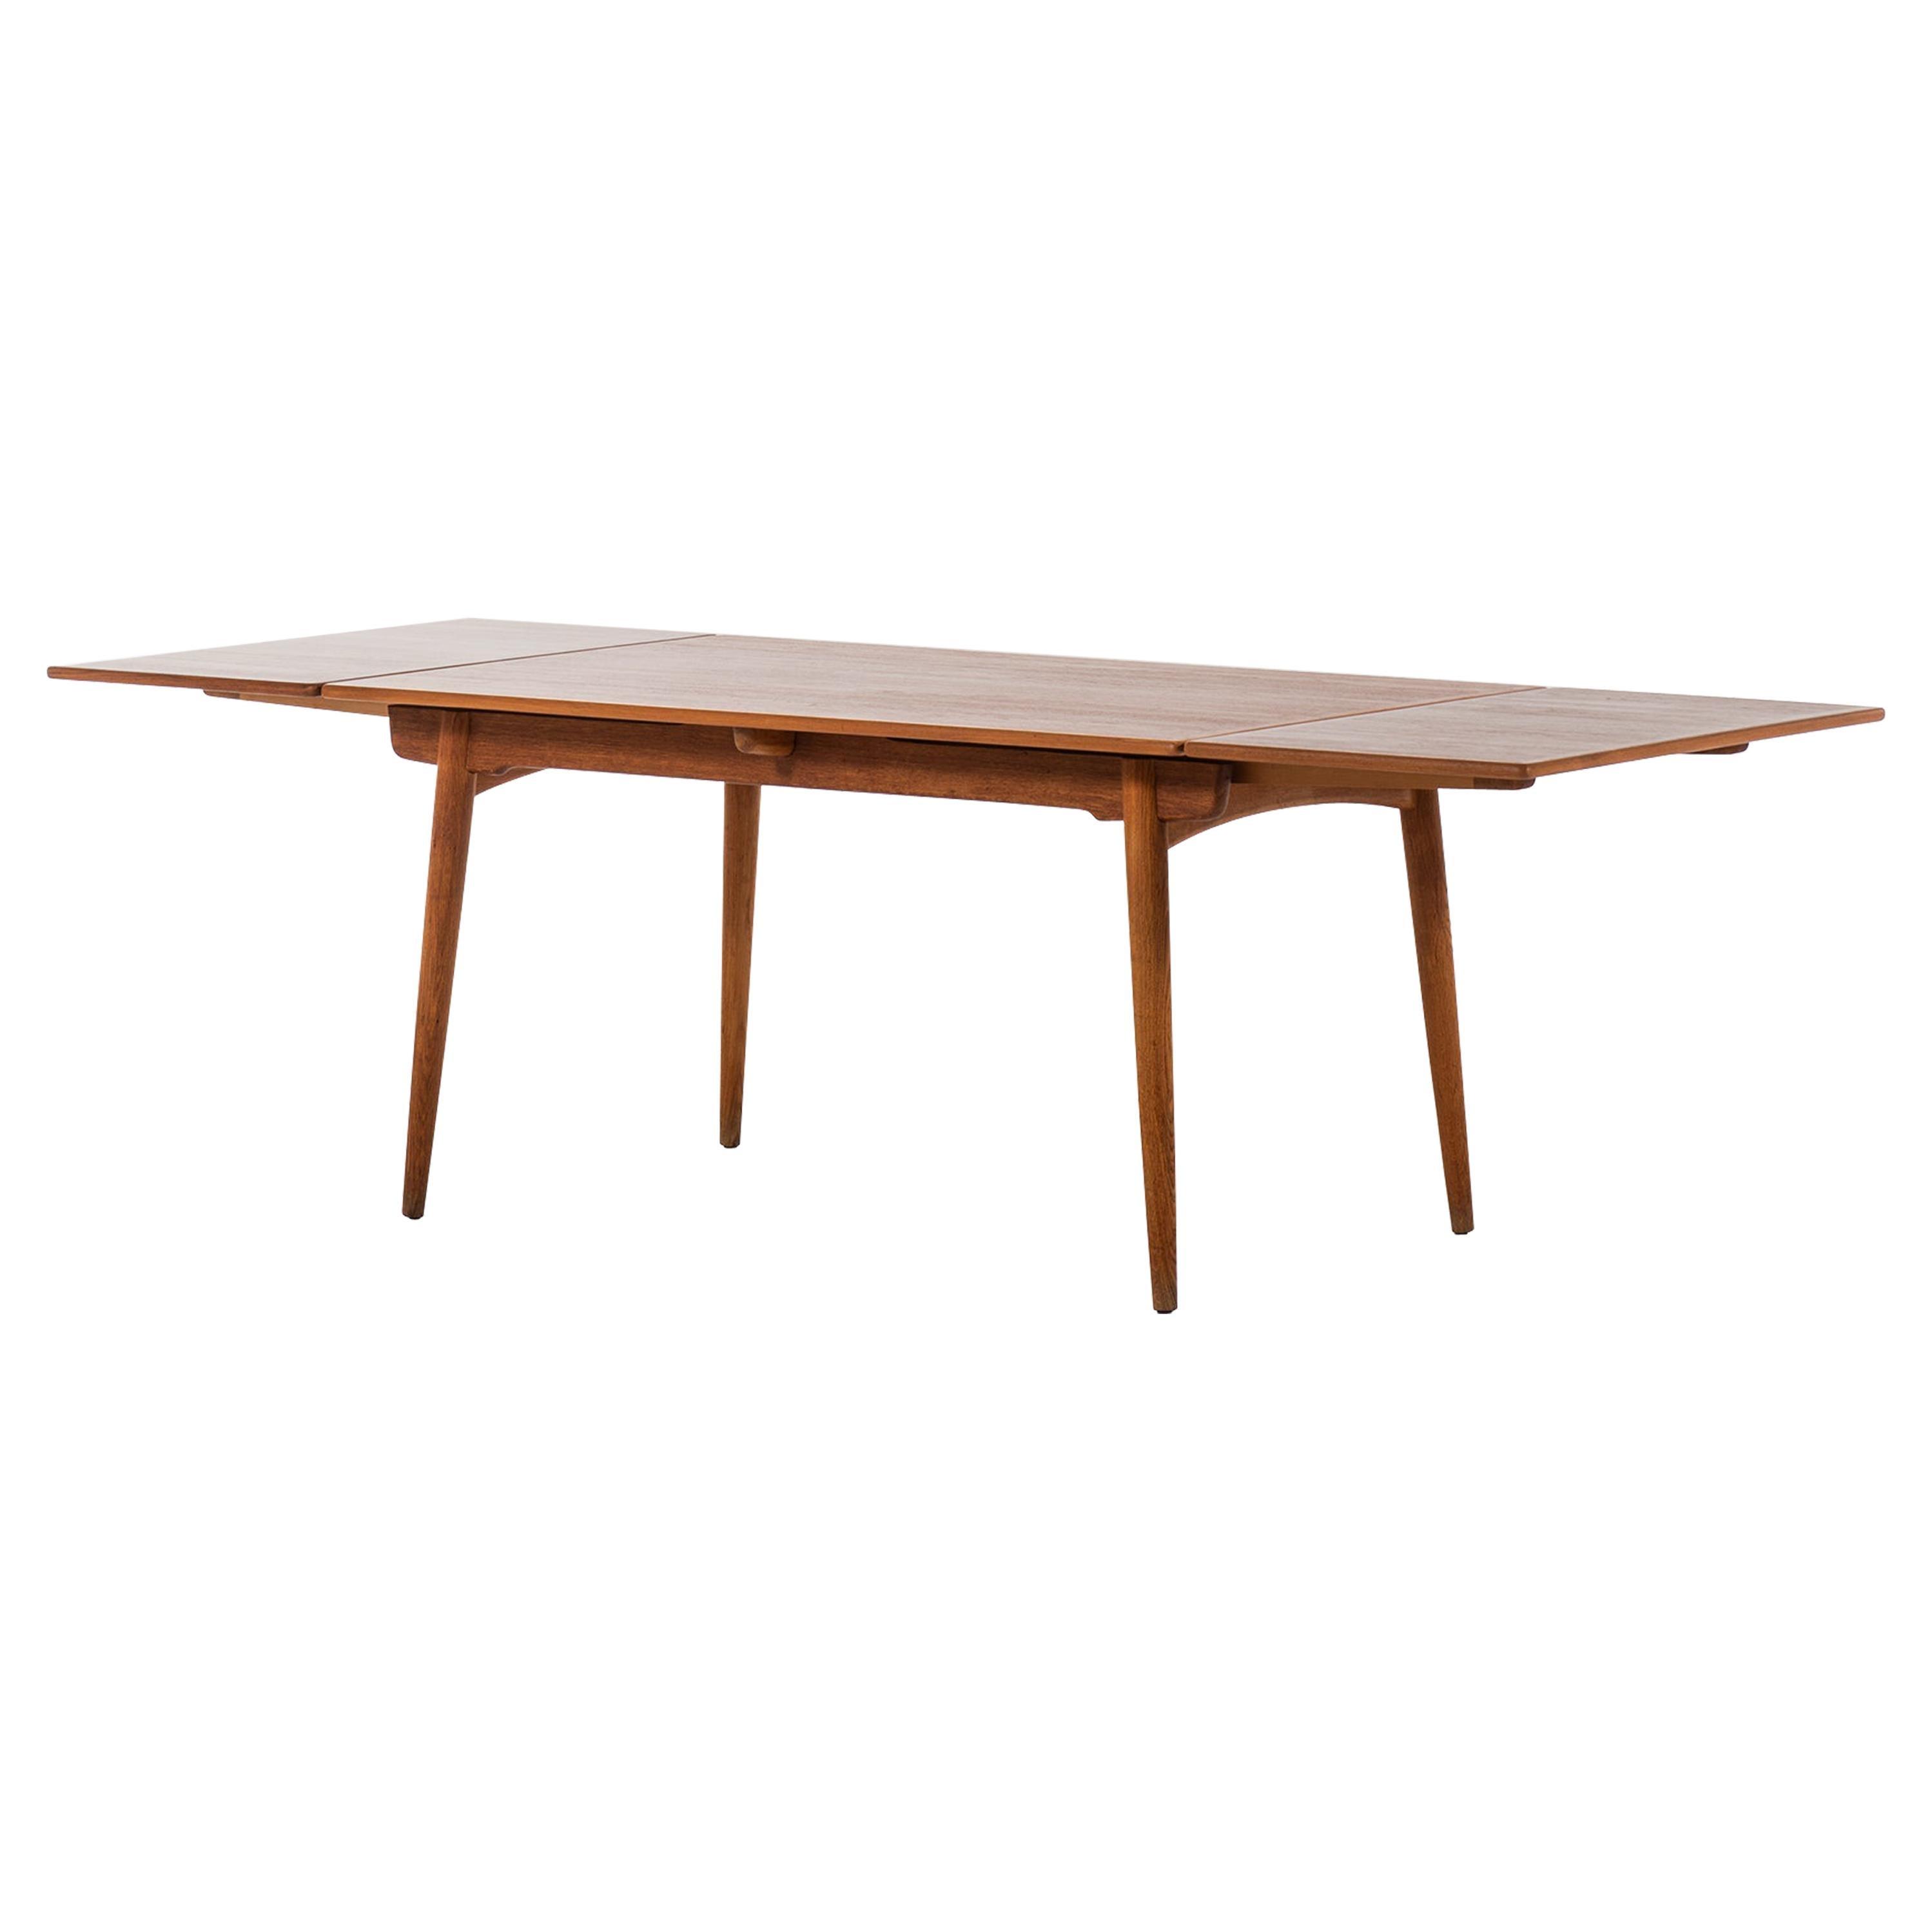 Hans Wegner Dining Table Model AT-312 Produced by Andreas Tuck in Denmark